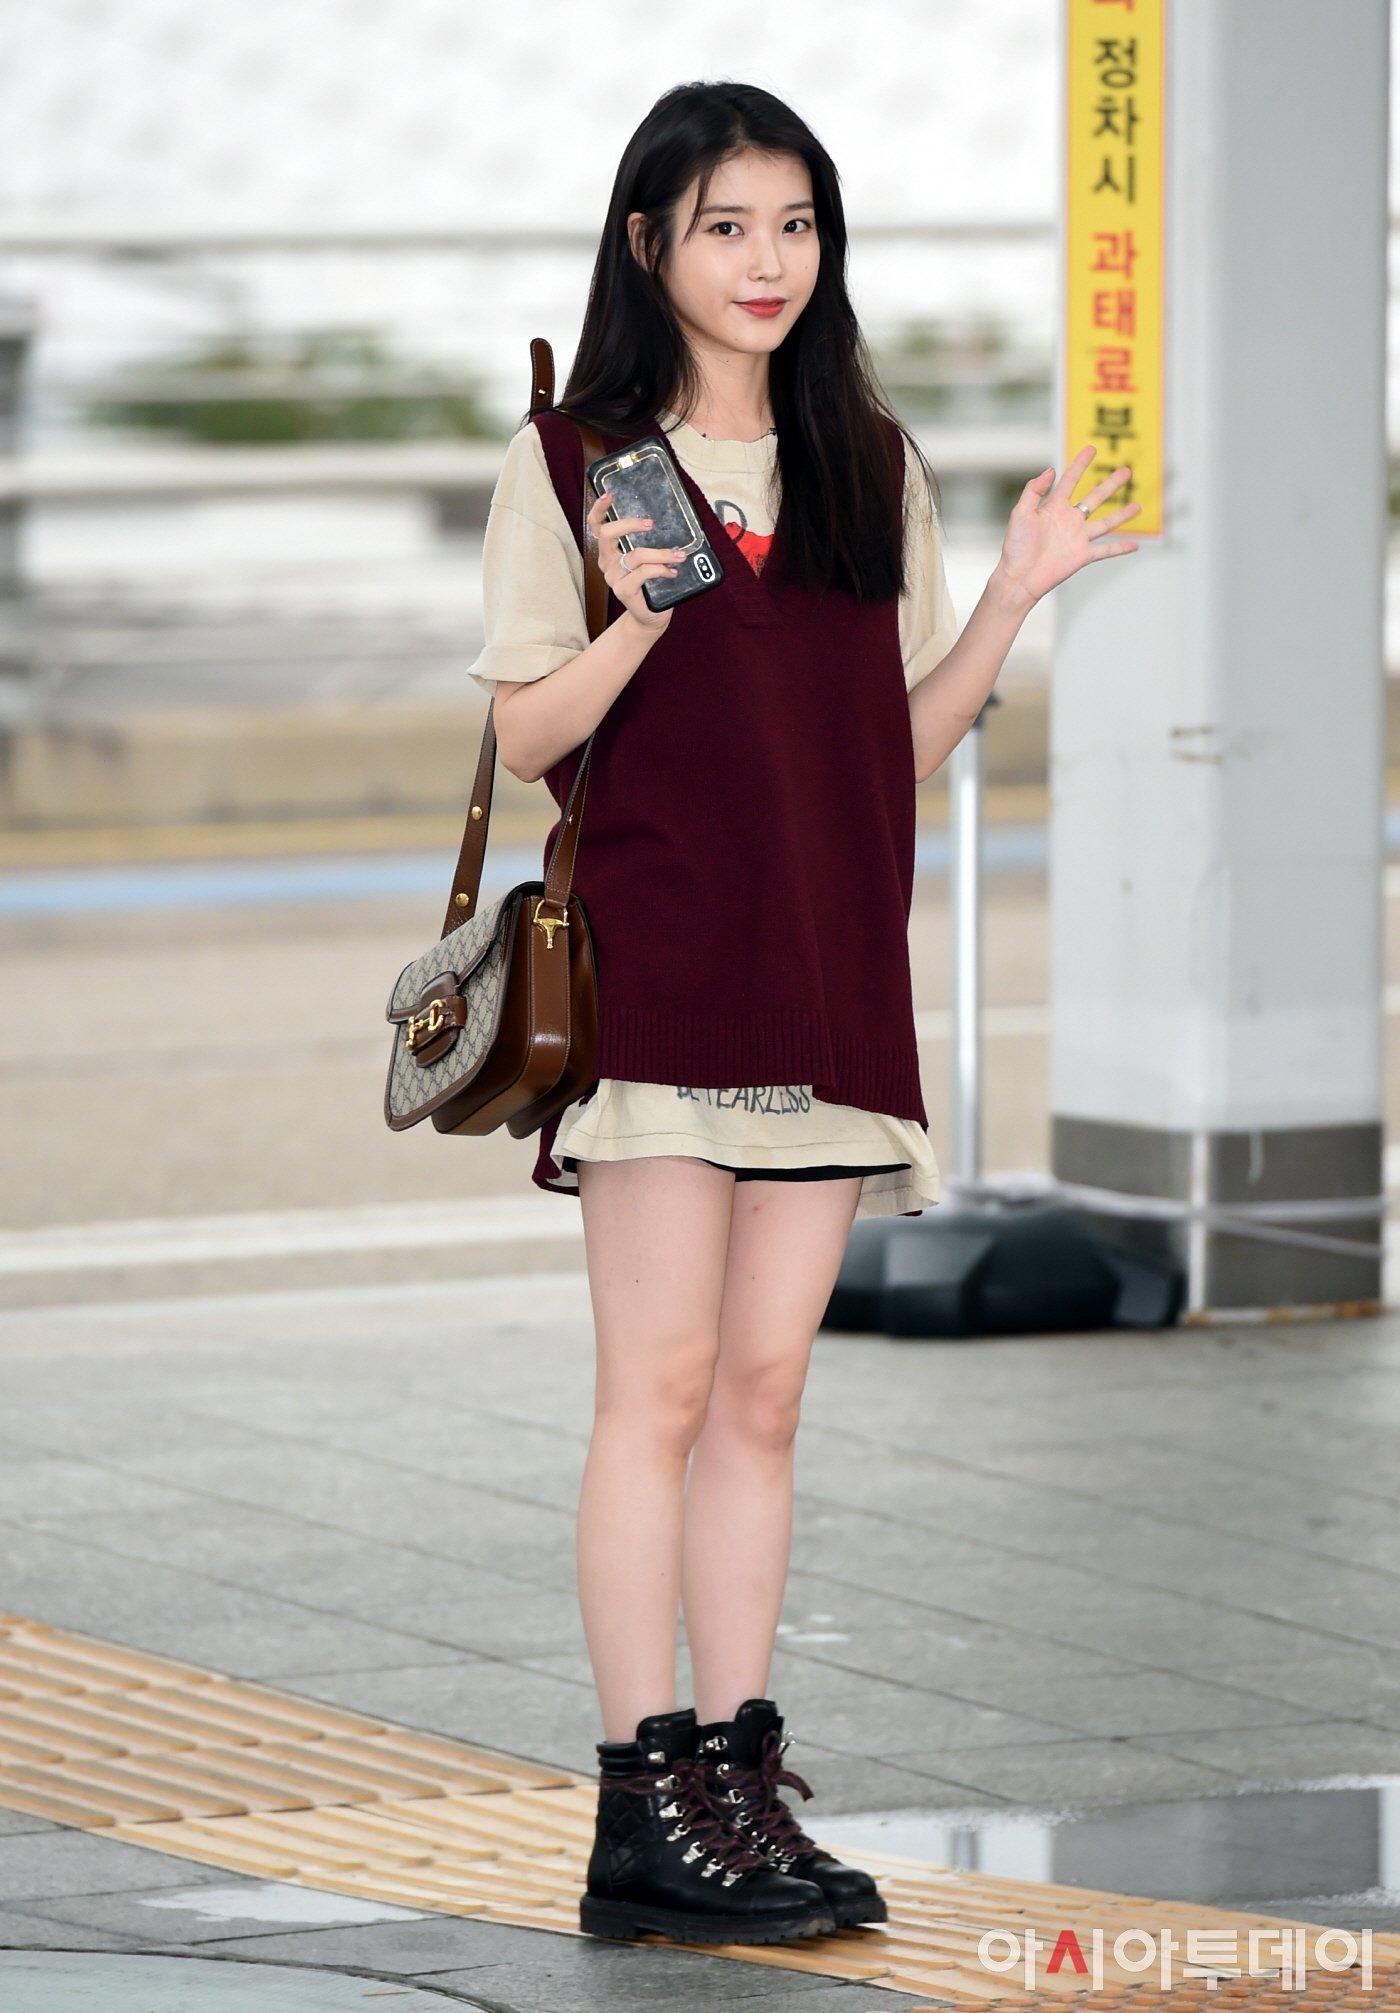 ca sĩ IU xuất hiện tại sân bay với mẫu túi horse bit của Gucci